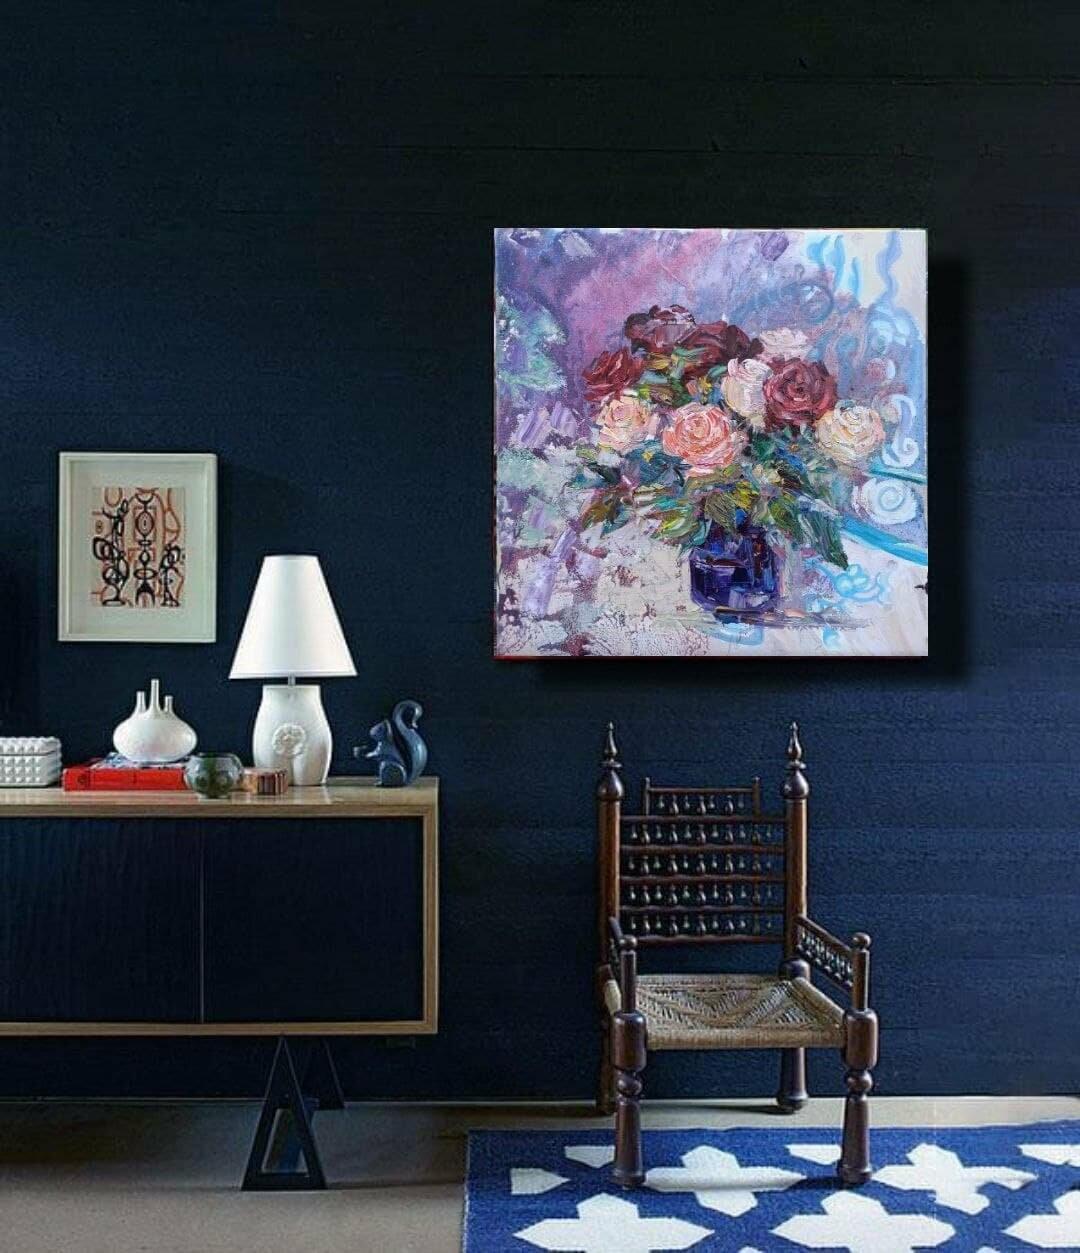 Продаж картин, галерея Браво ART, фото-10